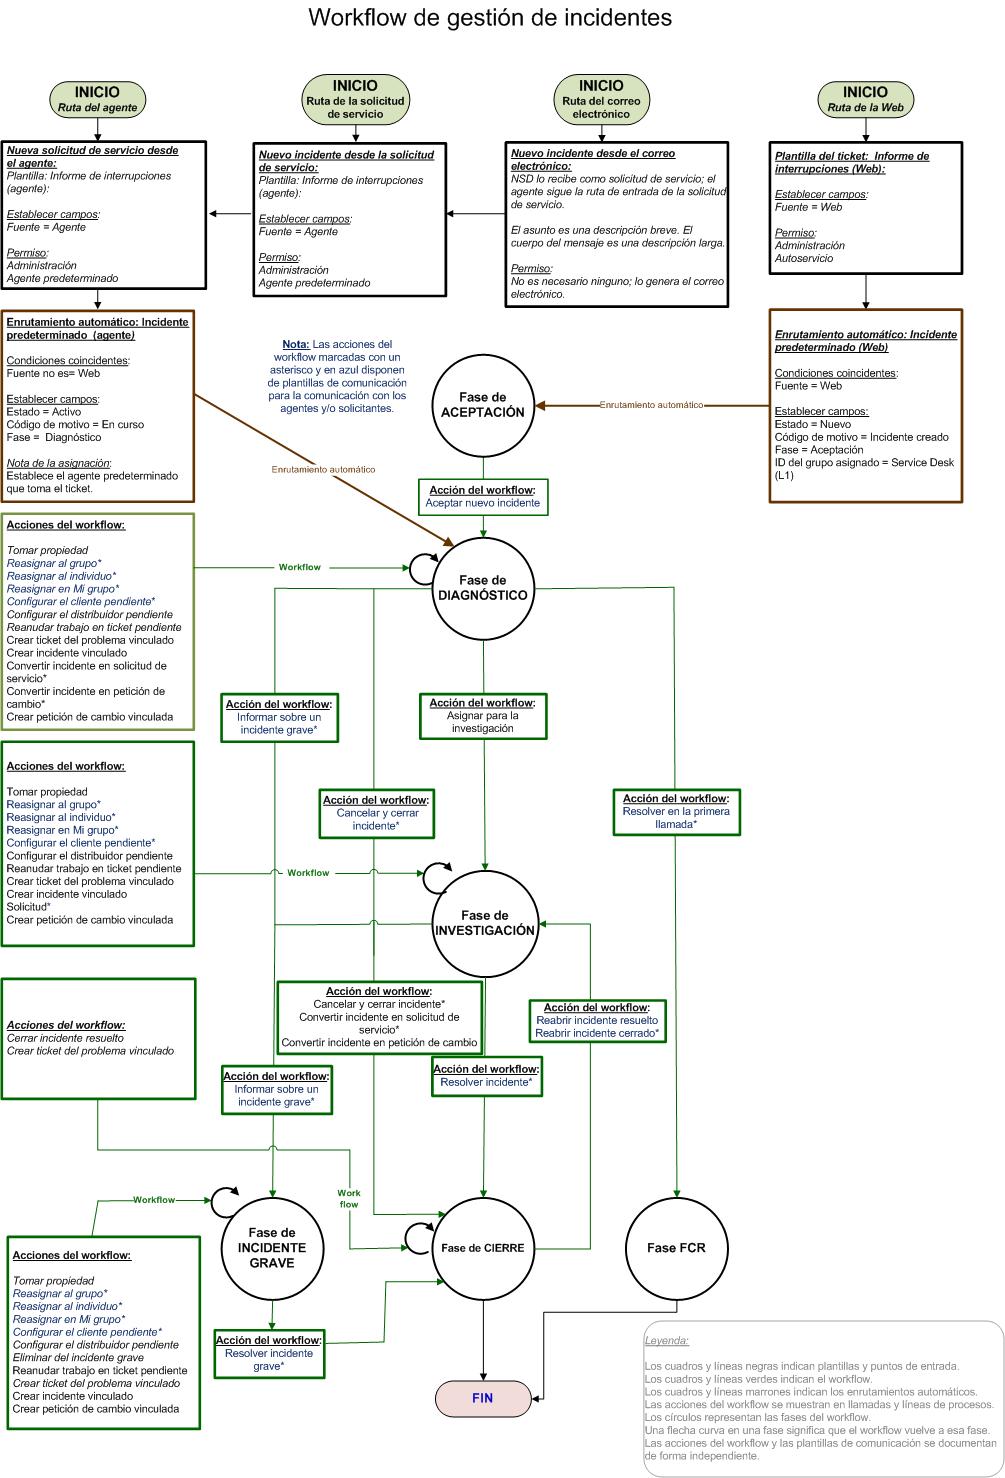 Progreso del workflow para los tickets de incidente | Charts ...